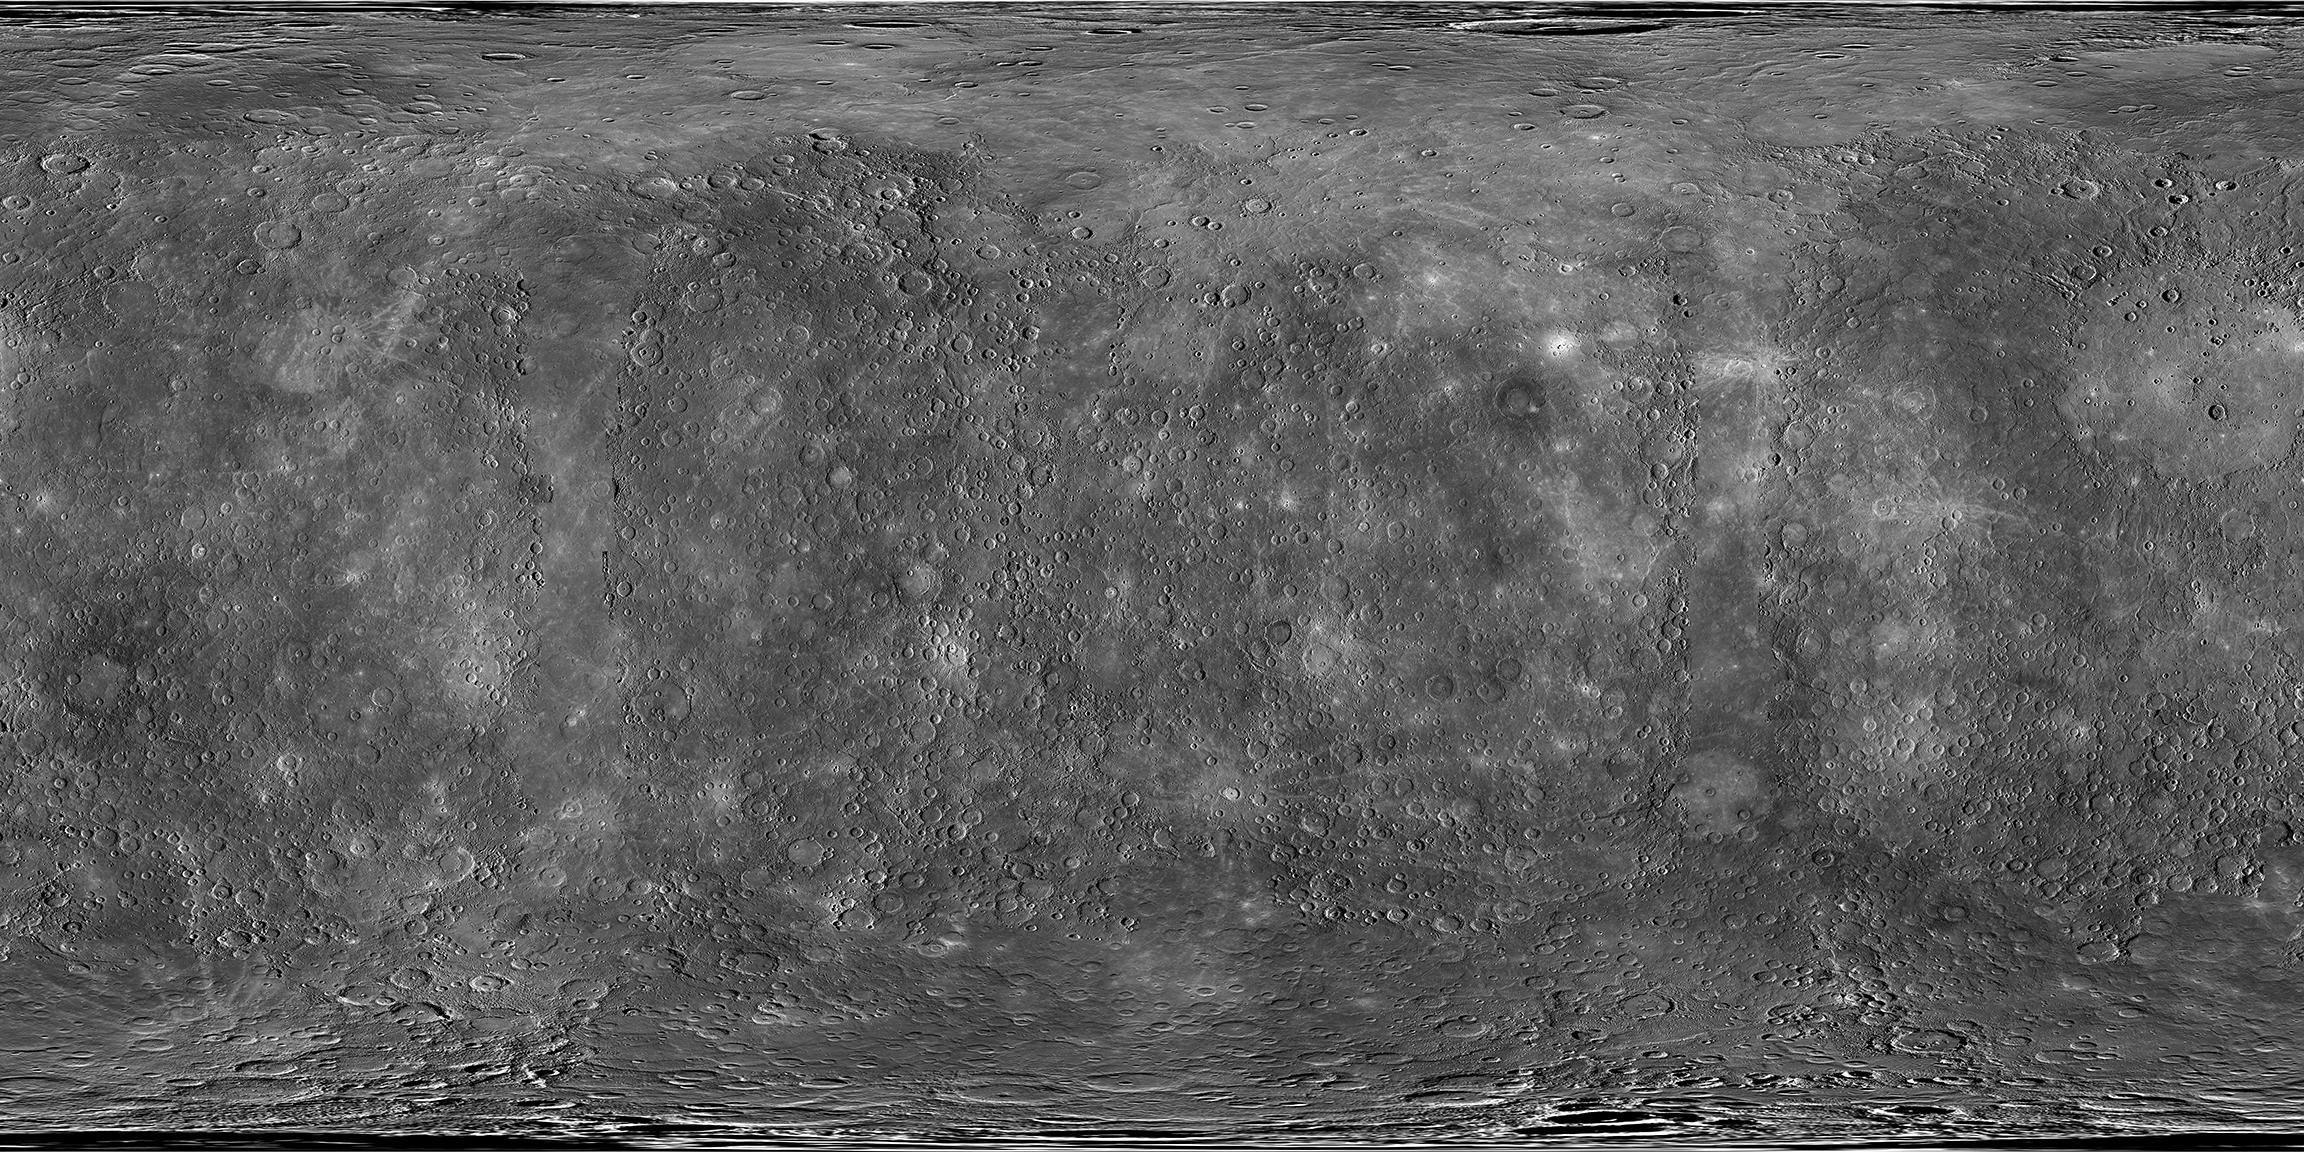 La carte morphologique de Mercure